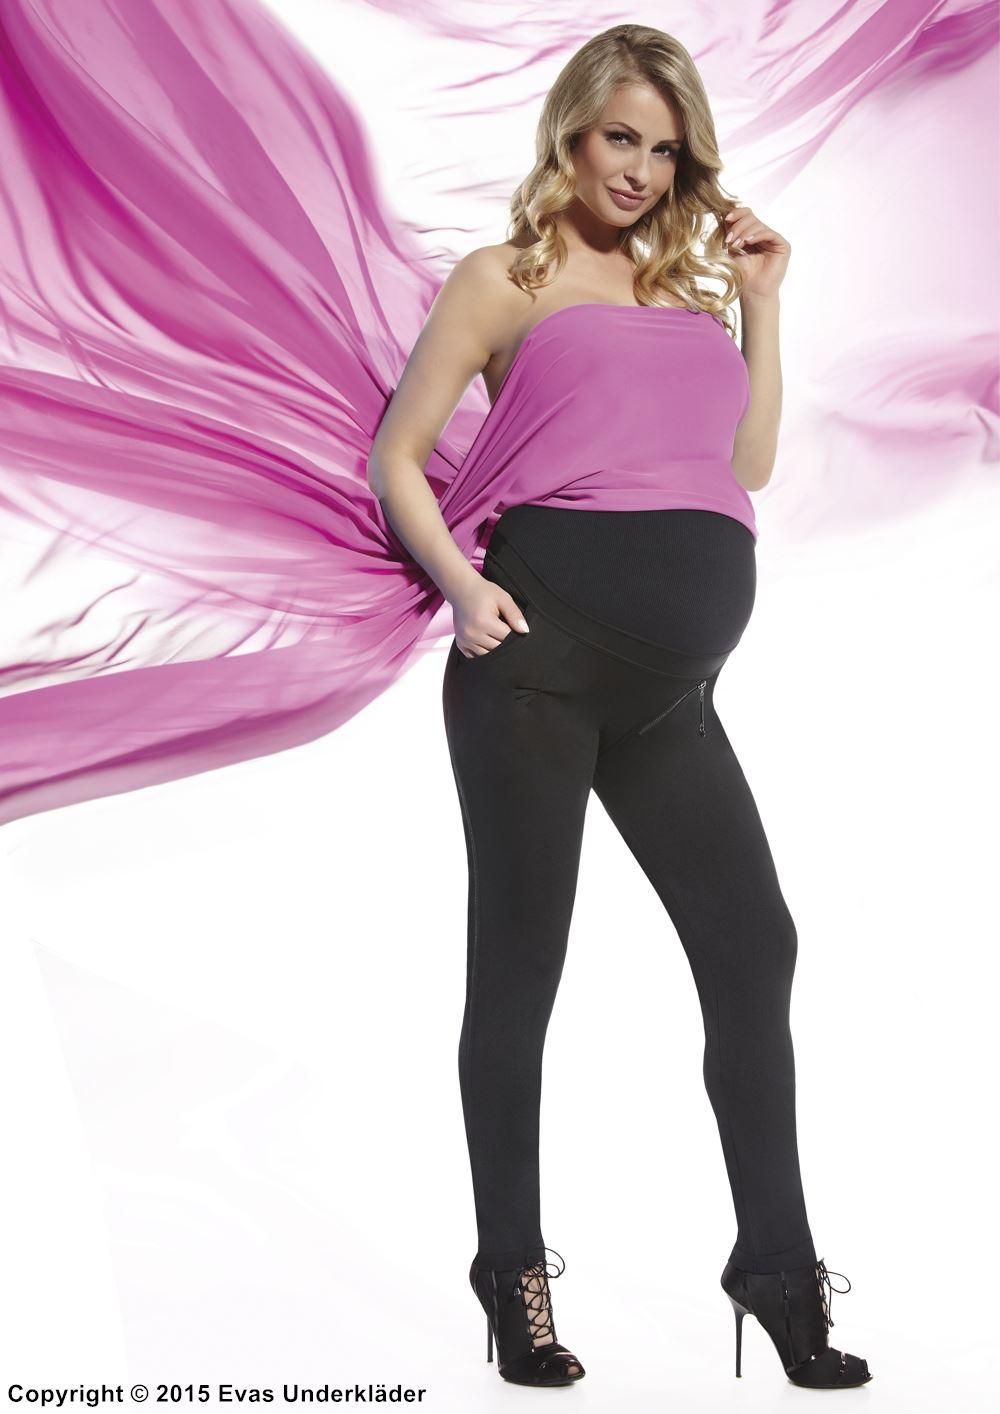 sexställning gravid sexiga leggings